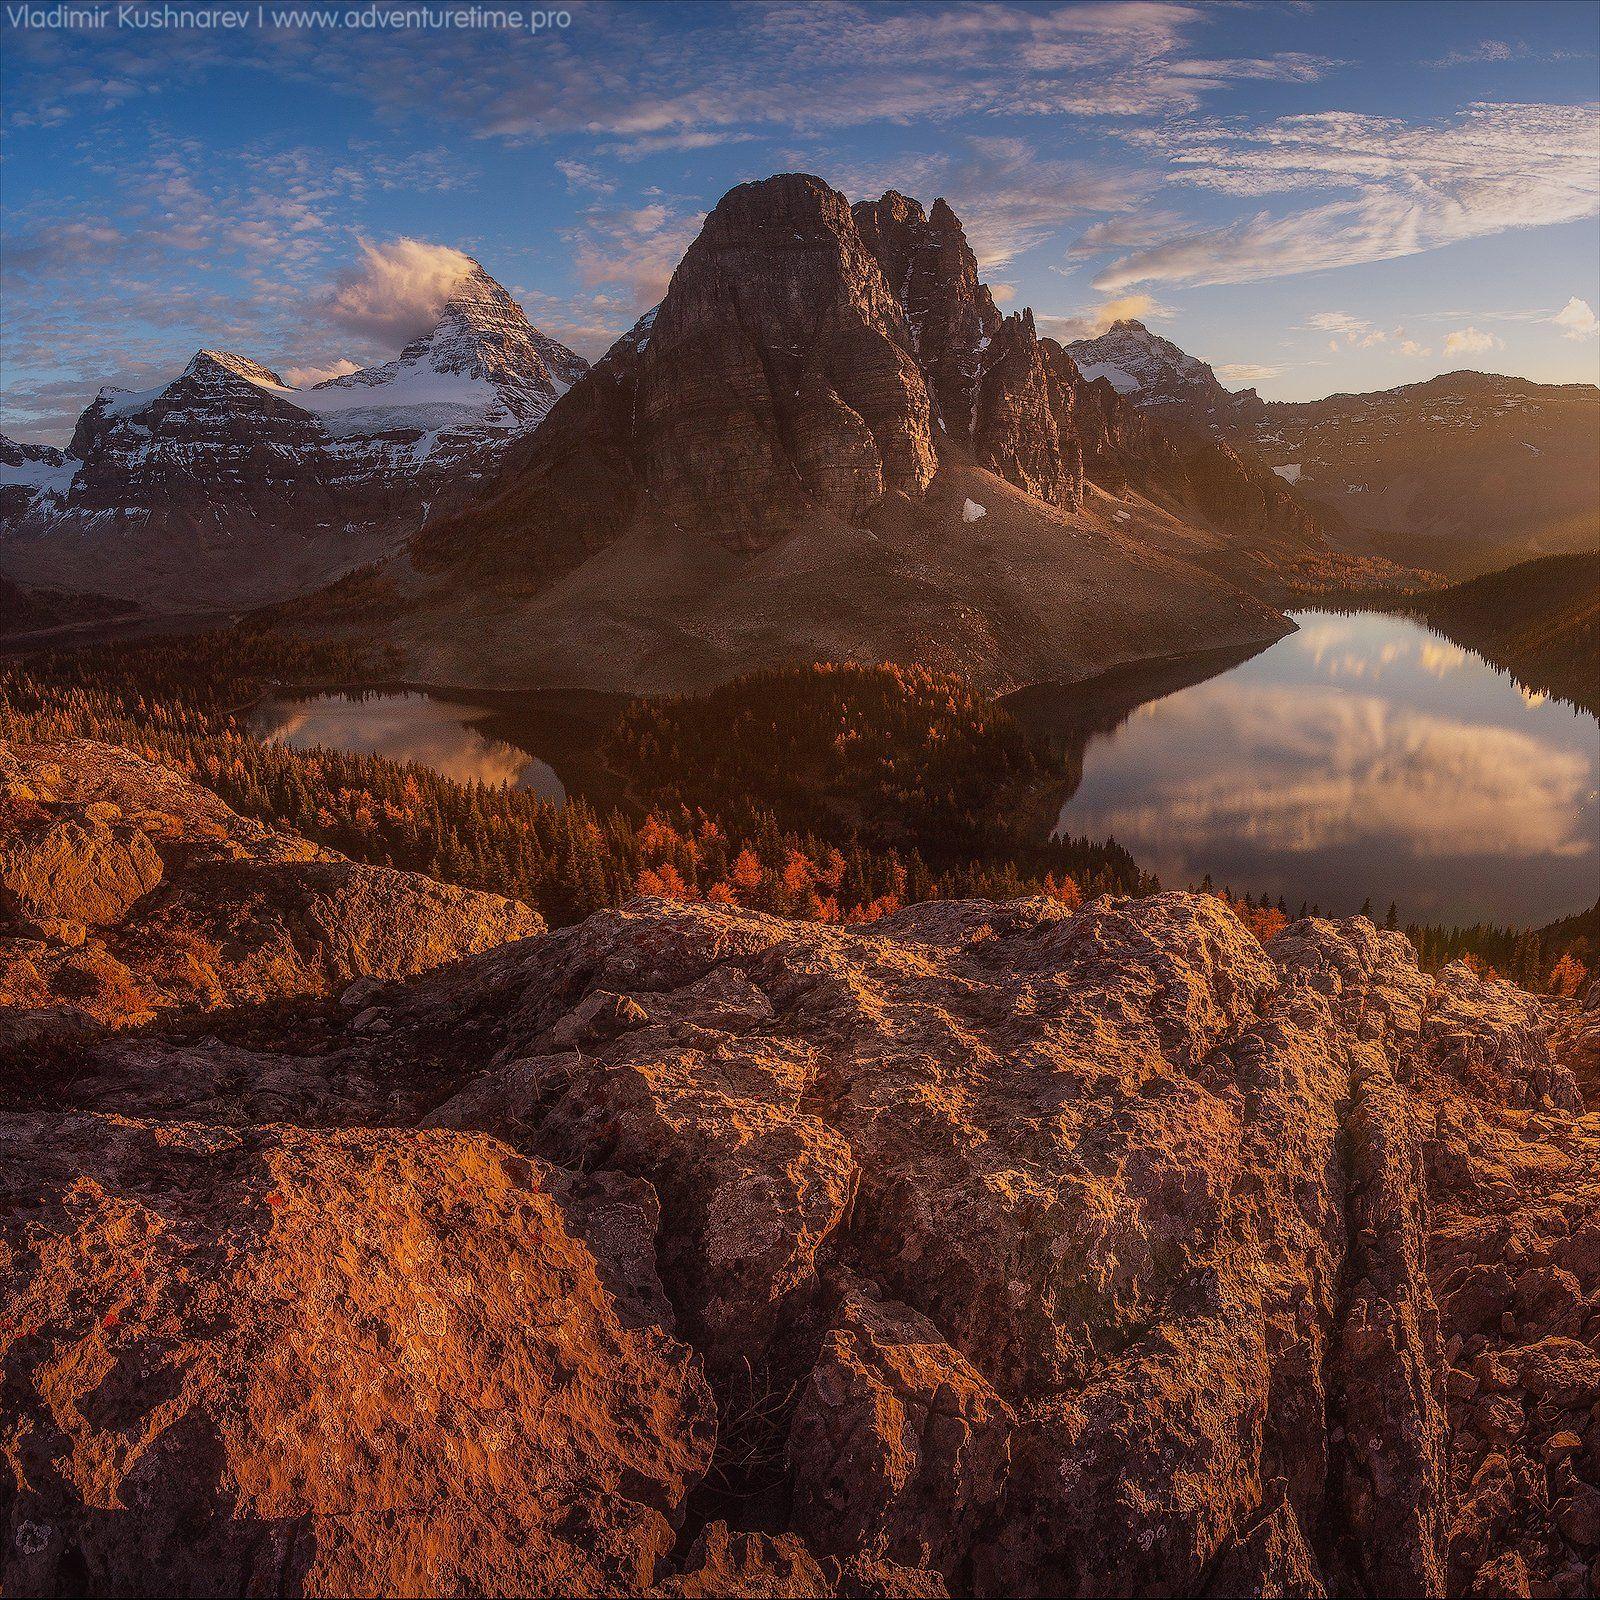 canada alberta landscape sunset mointain assiniboine, Vladimir Kushnarev